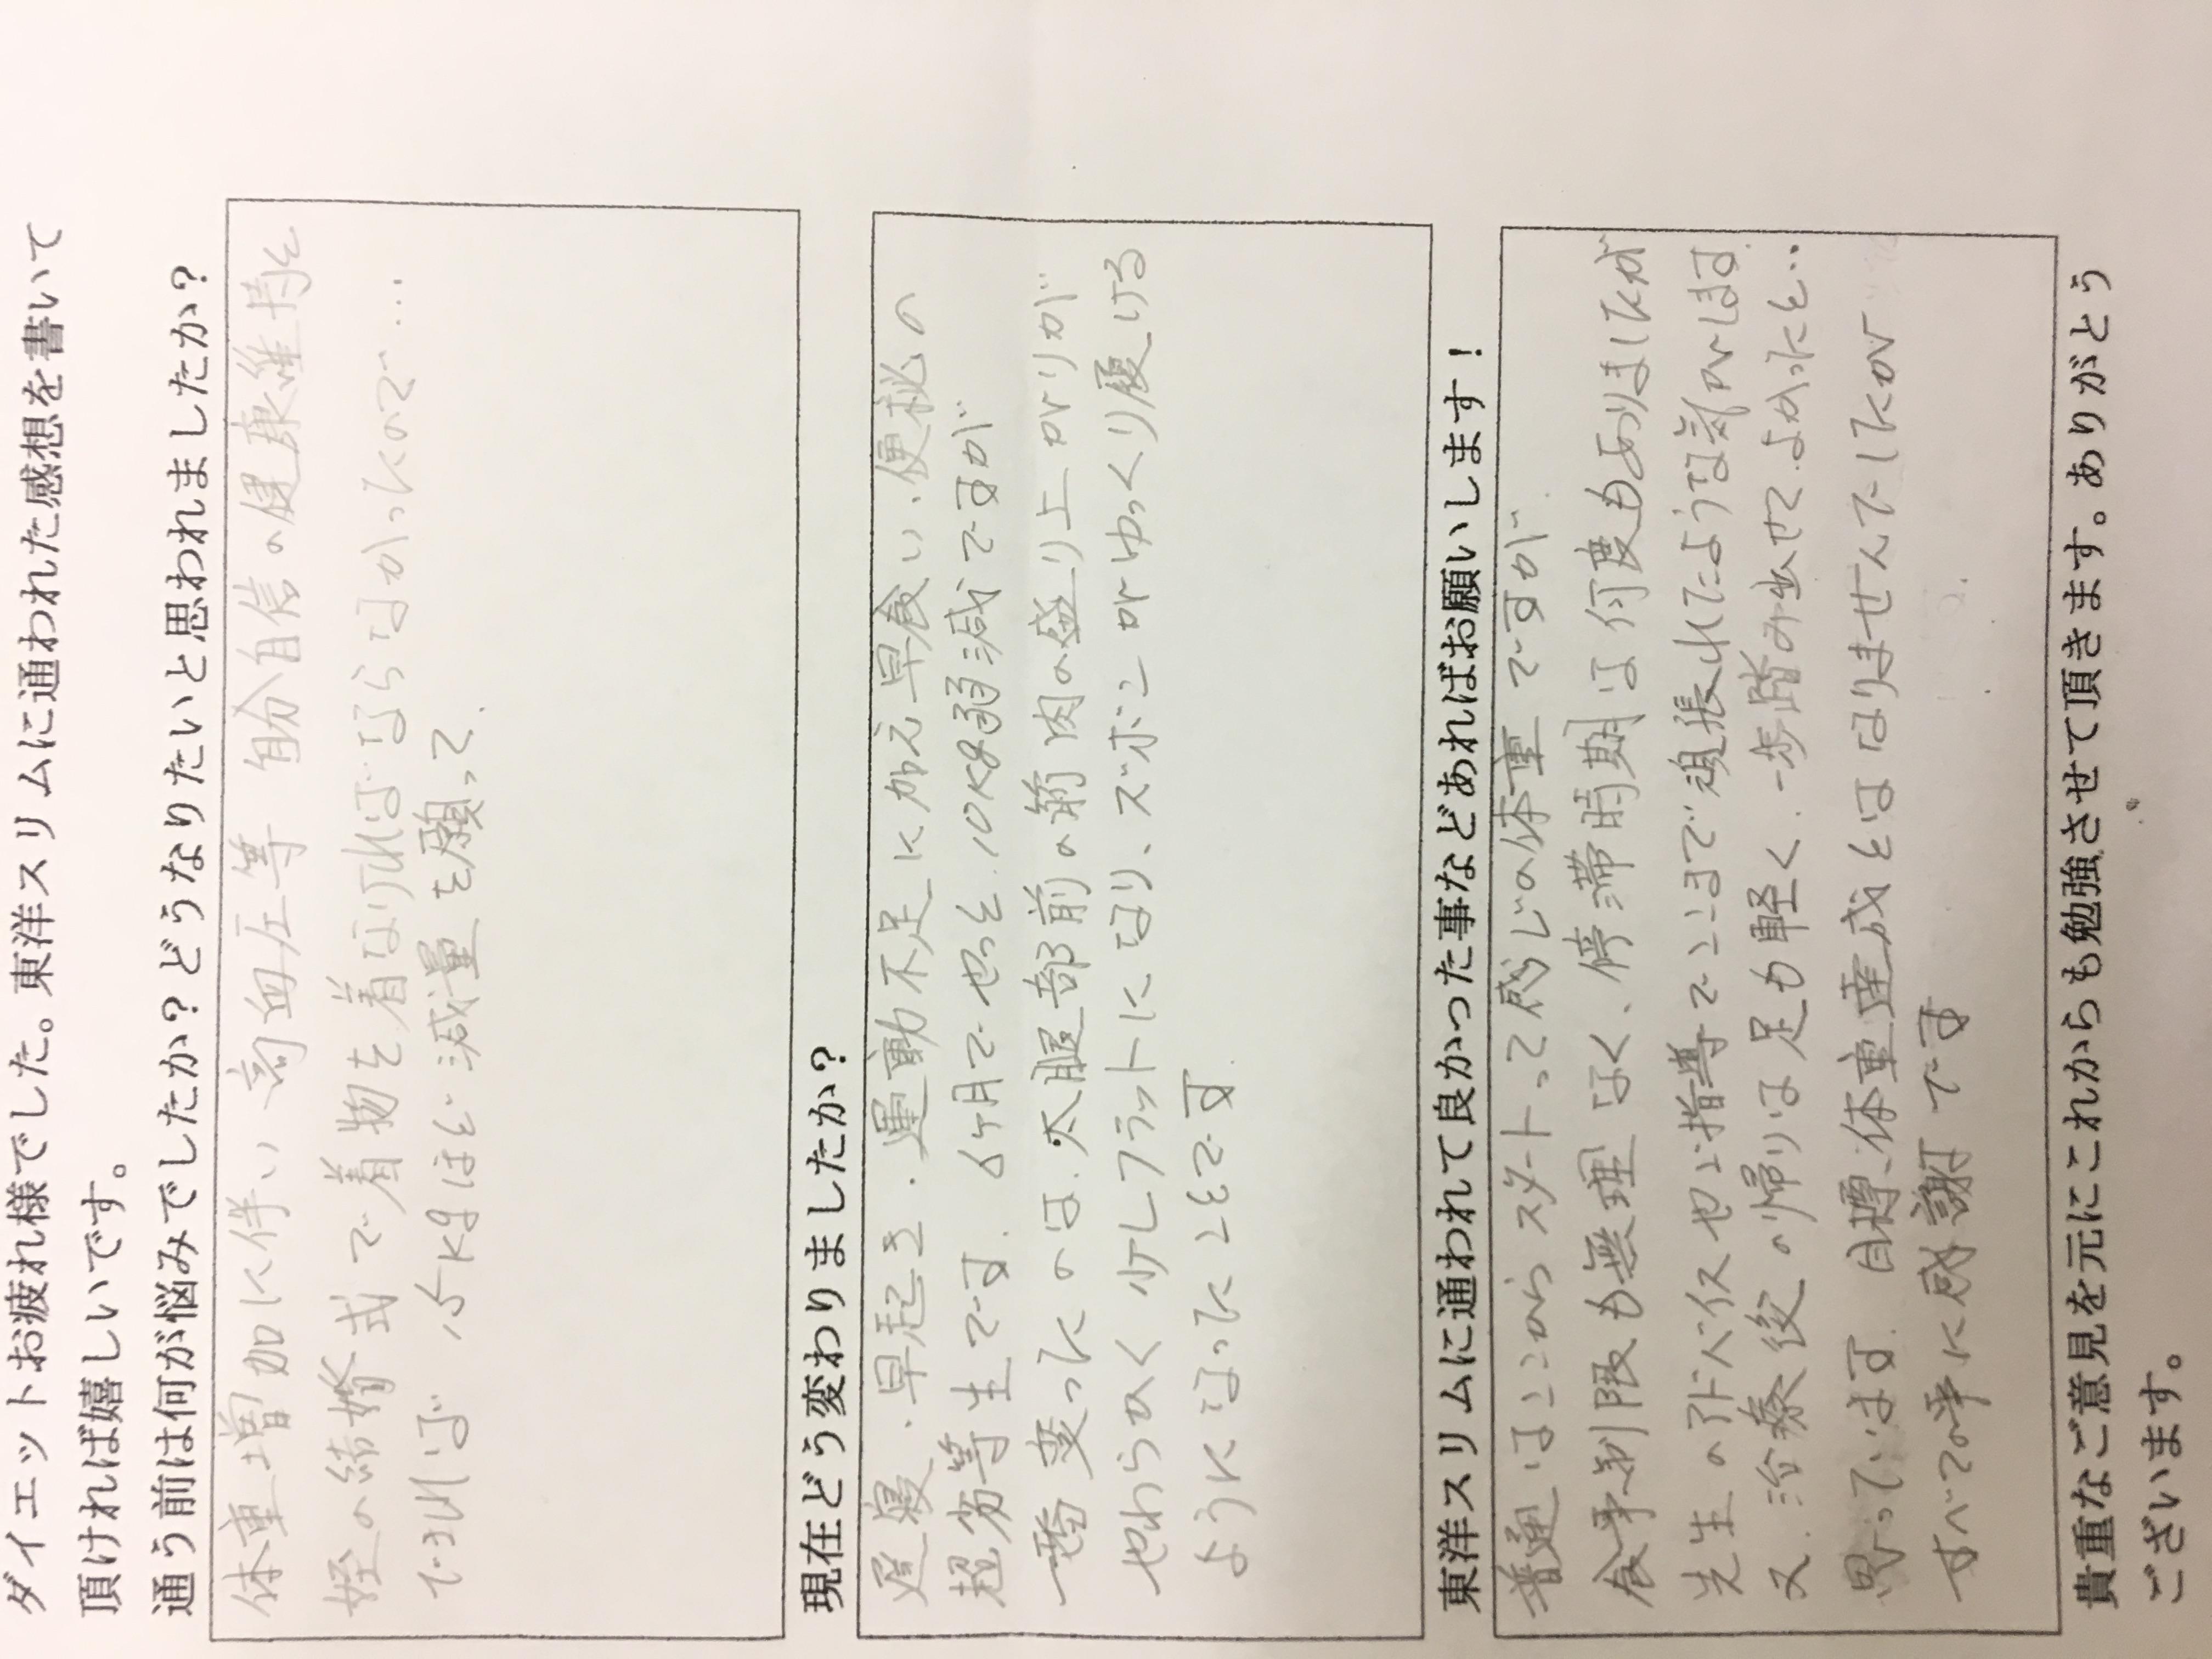 大阪市平野区Kさん耳つぼ痩身法でー11kgダイエット成功